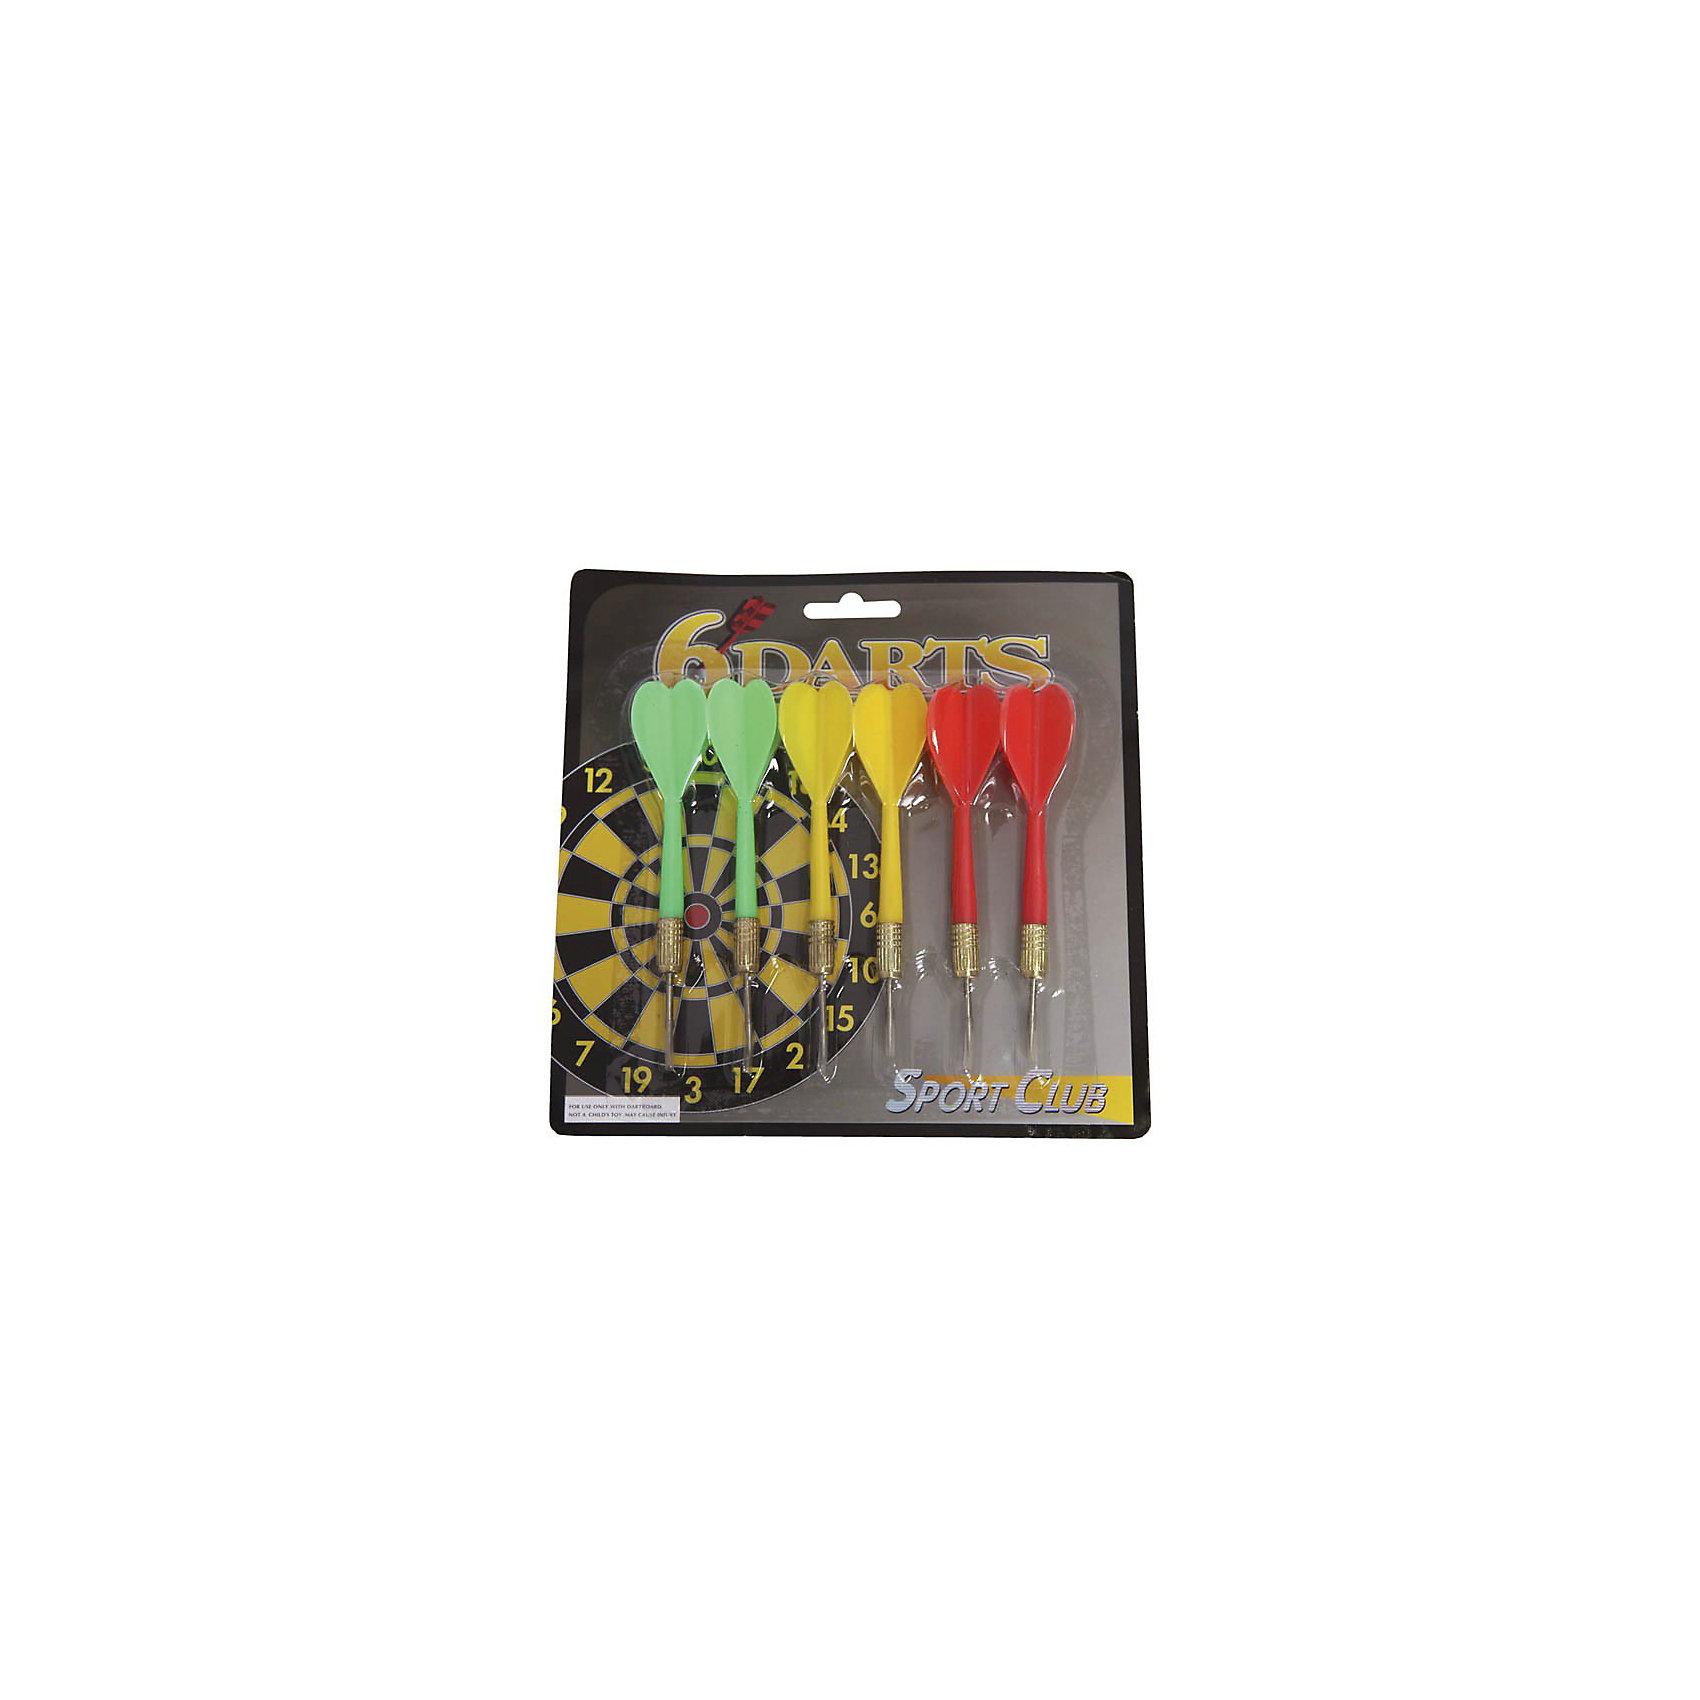 Набор дротиков, 6 шт.Игровые наборы<br>Набор дротиков, 6 шт. – это набор дополнительных дротиков для игры в дартс.<br>В наборе 6 дротиков трёх цветов: 2 зеленых, 2 красных и 2 желтых. Оперение пластиковое, наконечник металлический.<br><br>Дополнительная информация:<br><br>- В наборе: 6 дротиков<br>- Материал: пластик, металл<br>- Длина дротика: 11,5 см. <br>- Вес дротика: 6 г.<br><br>Набор дротиков, 6 шт. можно купить в нашем интернет-магазине.<br><br>Ширина мм: 175<br>Глубина мм: 175<br>Высота мм: 25<br>Вес г: 62<br>Возраст от месяцев: 72<br>Возраст до месяцев: 1188<br>Пол: Унисекс<br>Возраст: Детский<br>SKU: 3774142